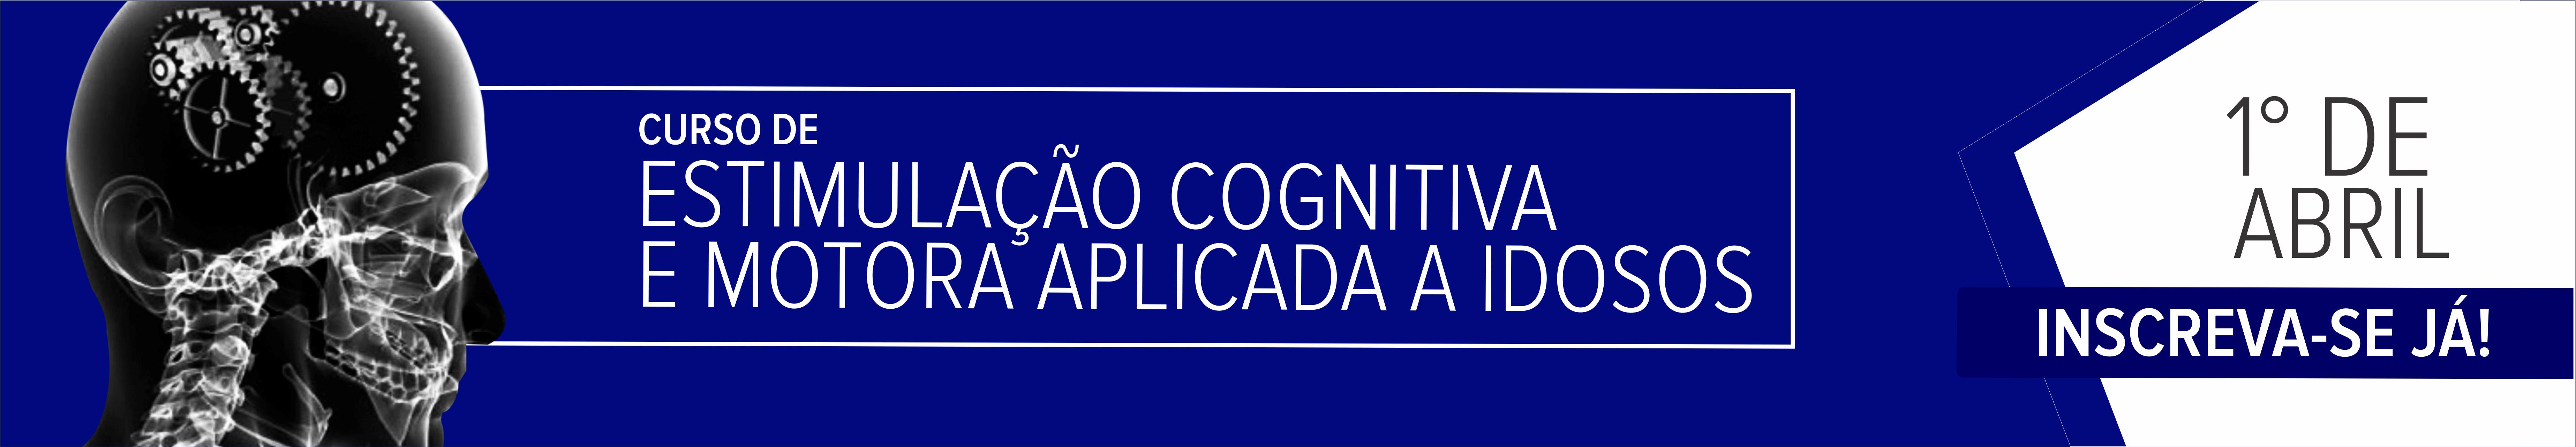 CURSO DE ESTIMULAÇÃO COGNITIVA E MOTORA APLICADA AOS IDOSOS